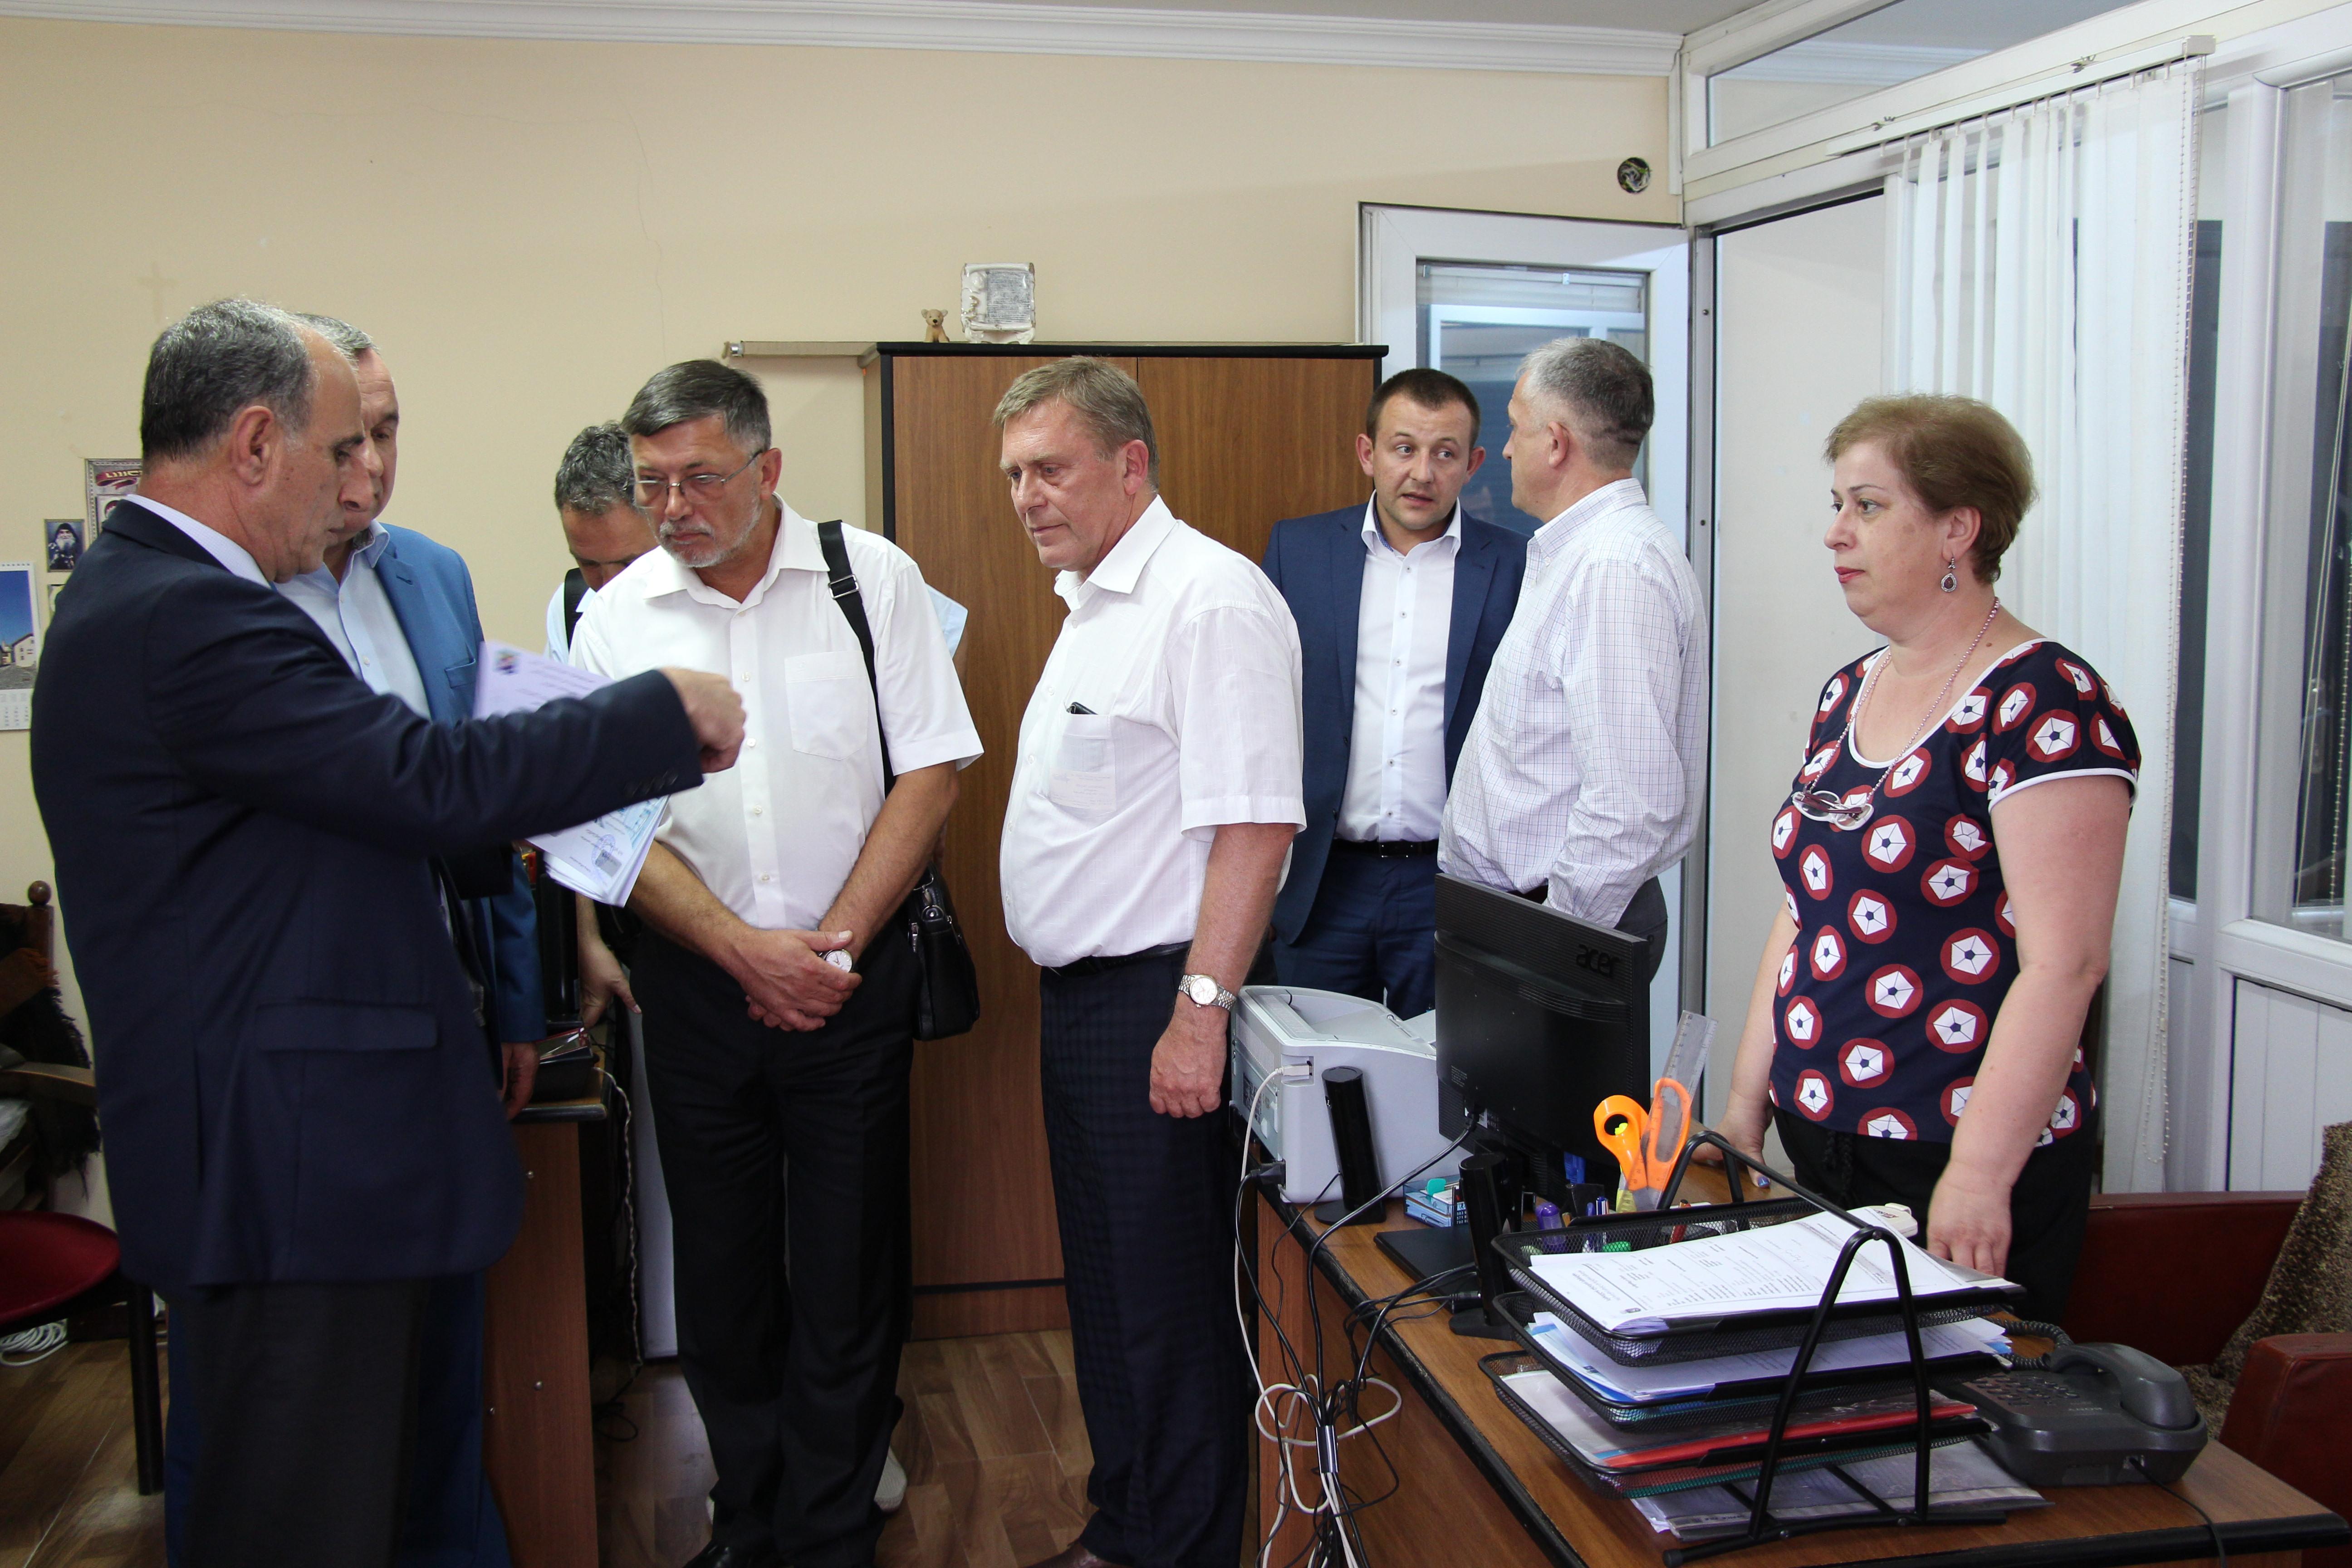 მინისტრმა უკრაინელ მედიკოსებს უმასპინძლა